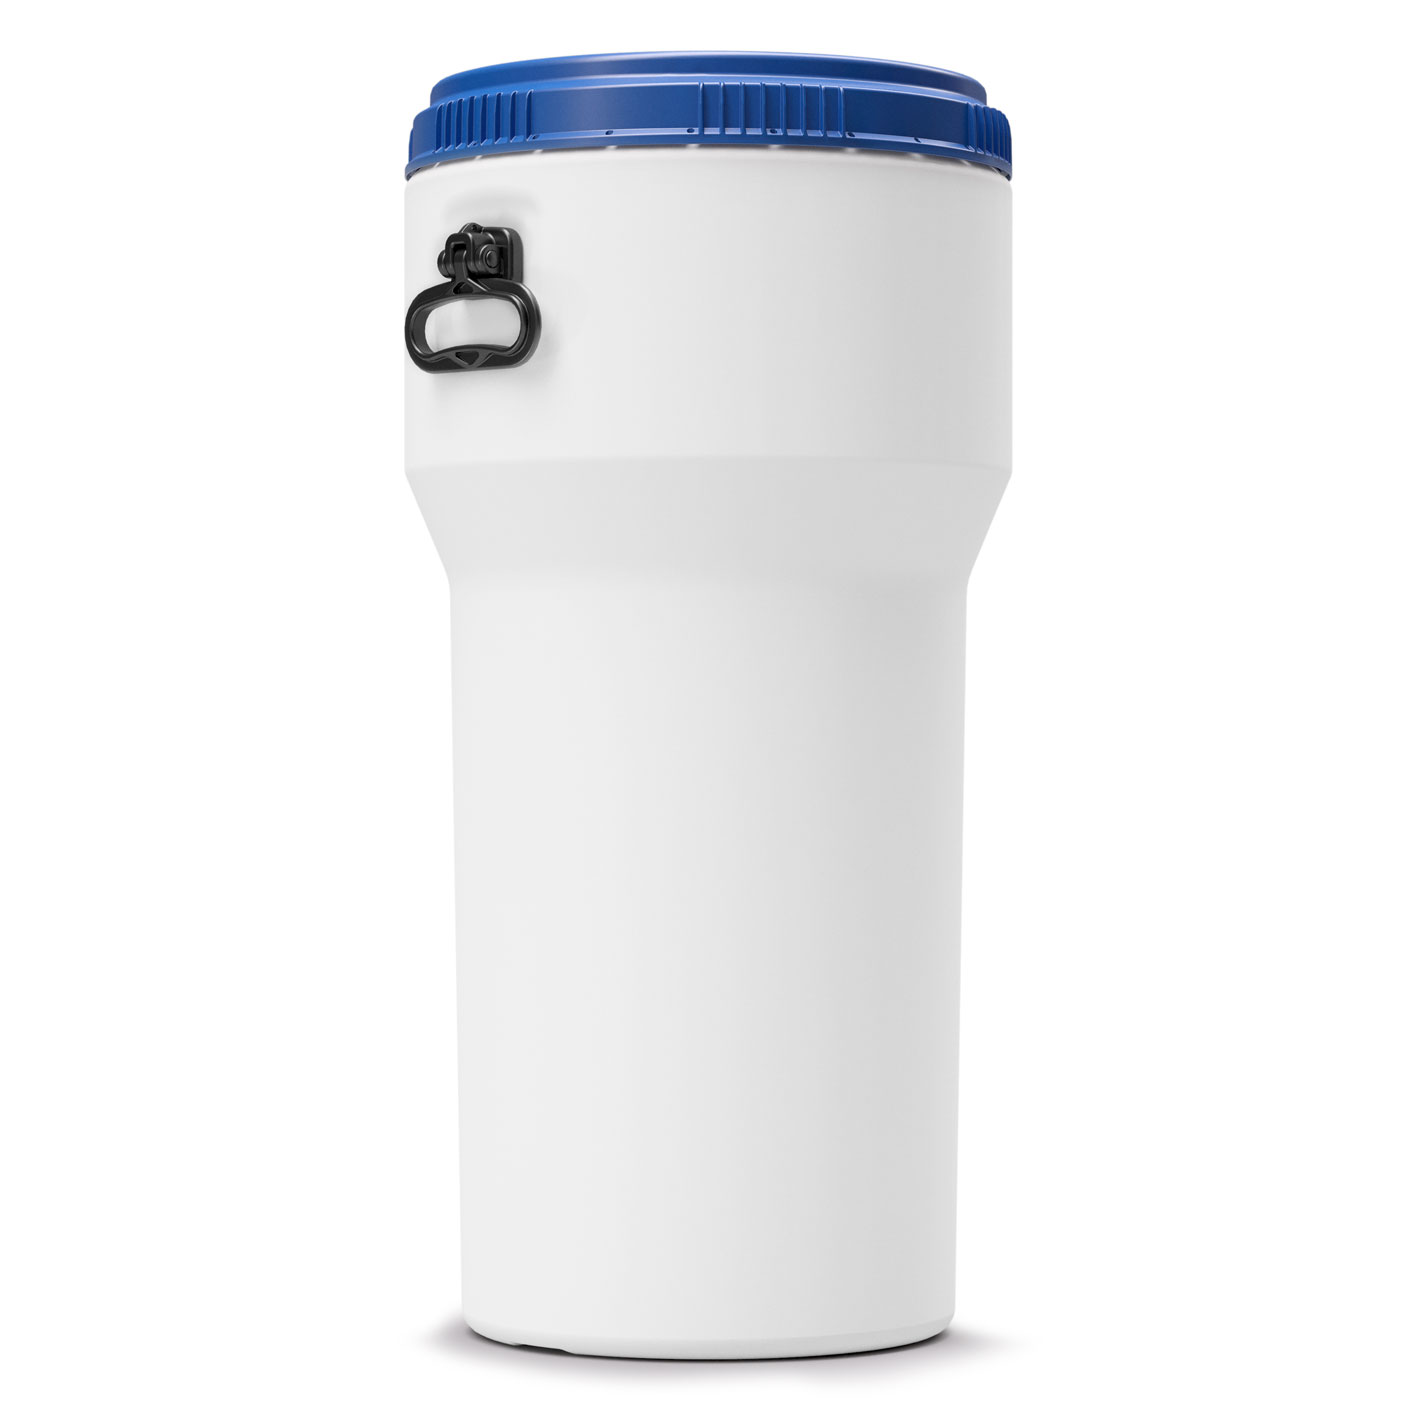 60 liter Nestable drum